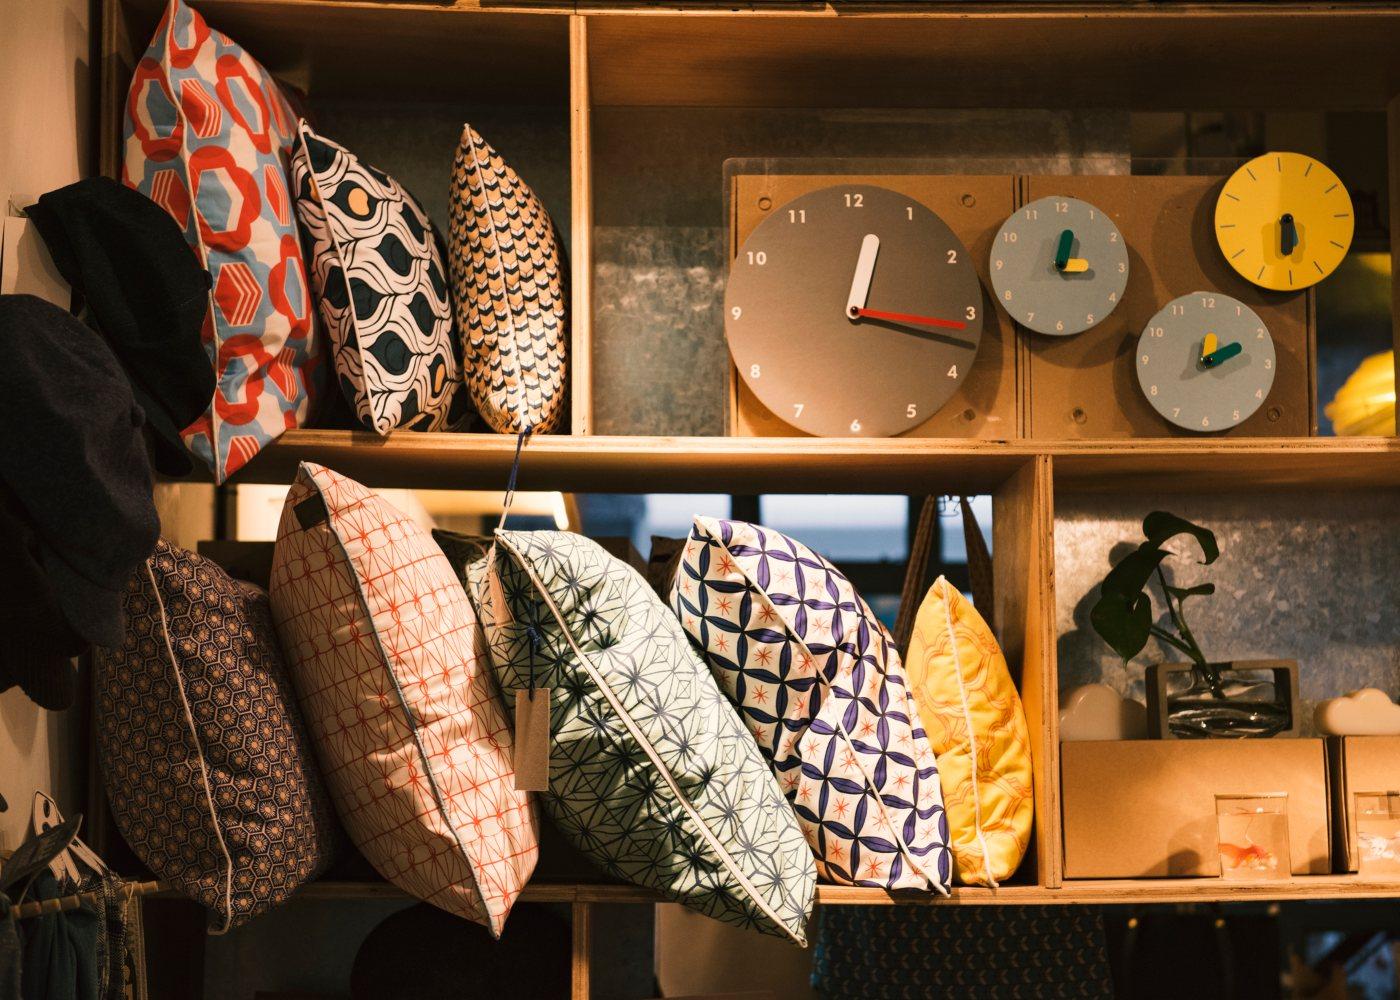 almofadas e outros itens decorativos expostos em prateleiras